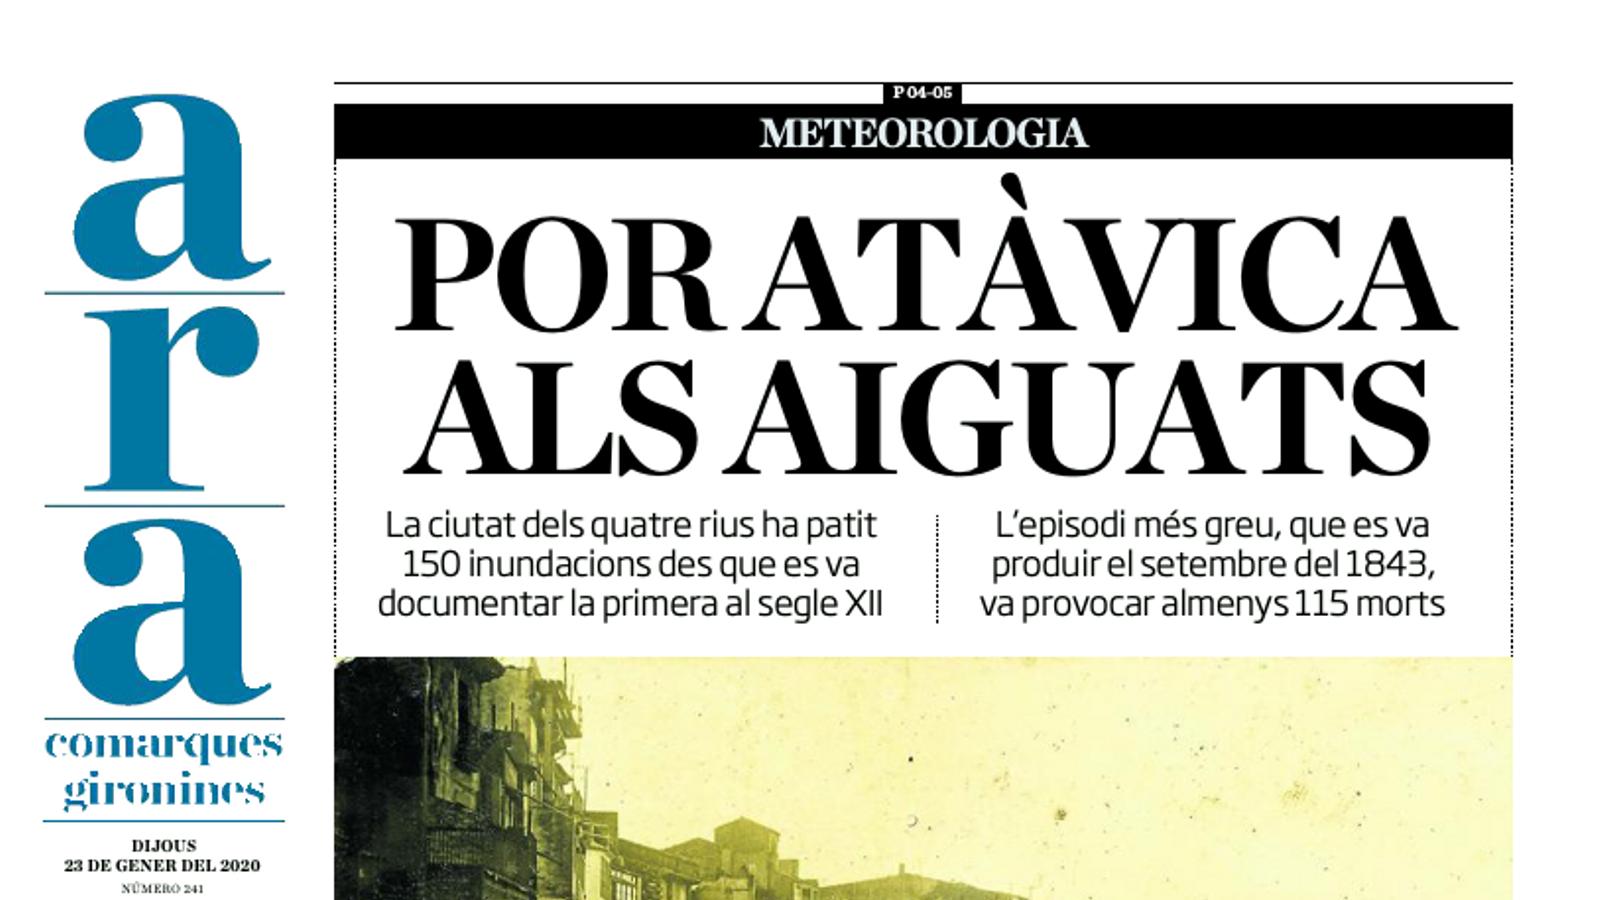 ARA comarques gironines: Por atàvica als aiguats